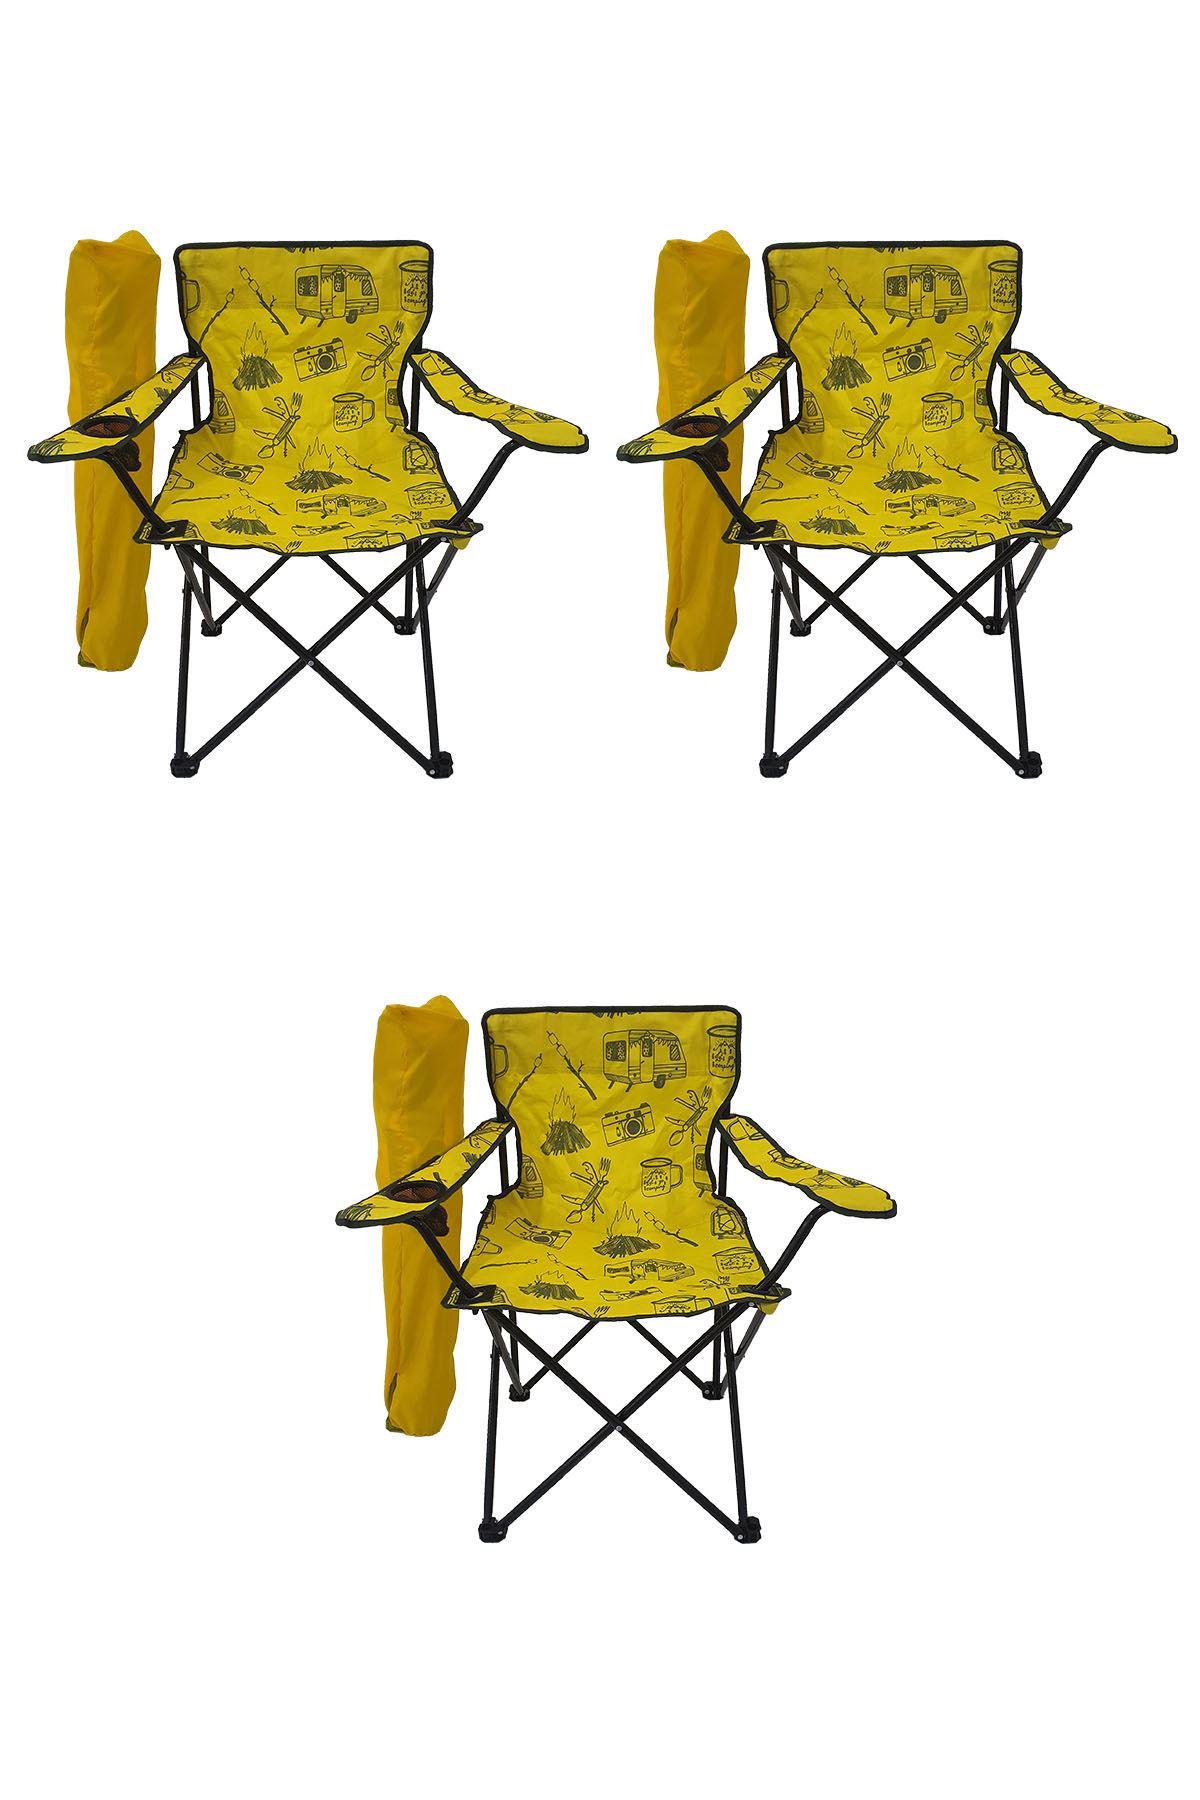 Bofigo 3 Adet Kamp Sandalyesi Katlanır Sandalye Bahçe Koltuğu Piknik Plaj Sandalyesi Desenli Sarı